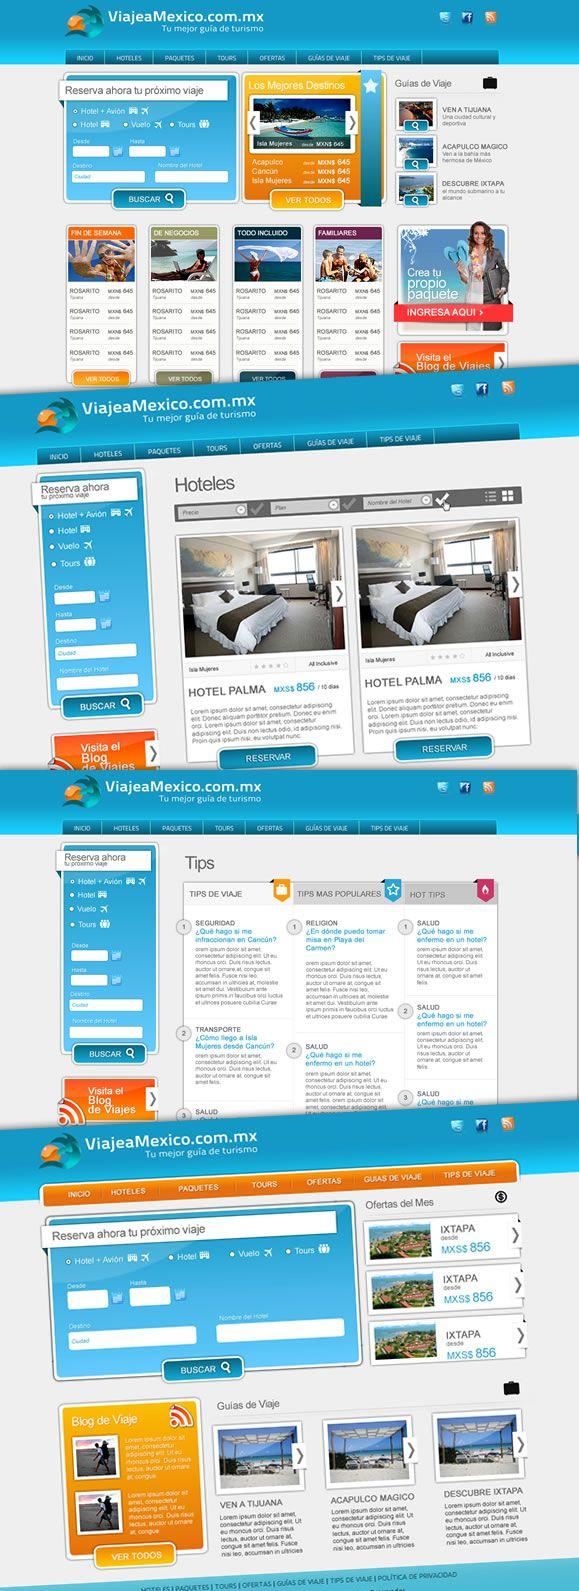 Viaje a México.com.mx : Lanzamiento Website